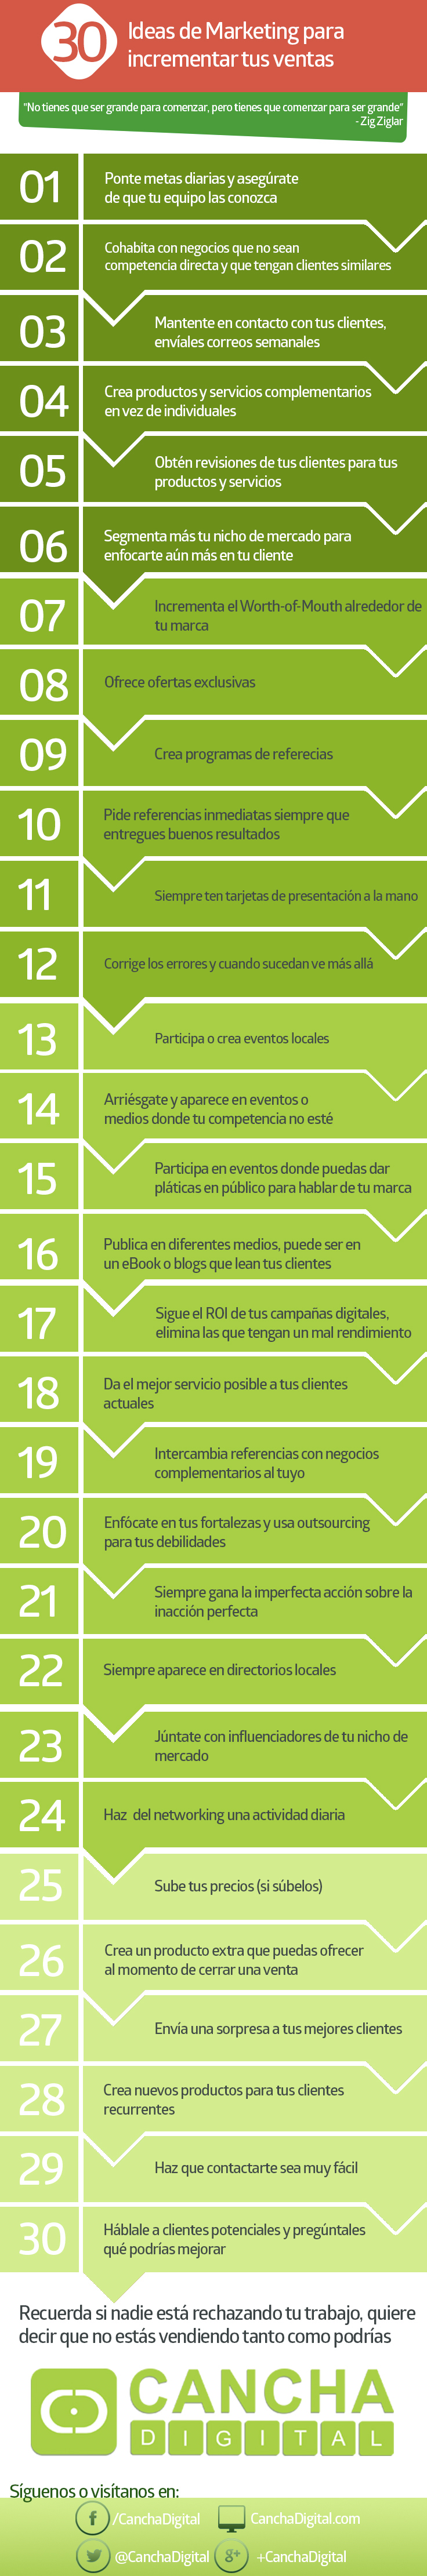 30 Ideas de Marketing paraincrementar ventas  #infografia #marketing #ventas #mercadotecnia #pymes